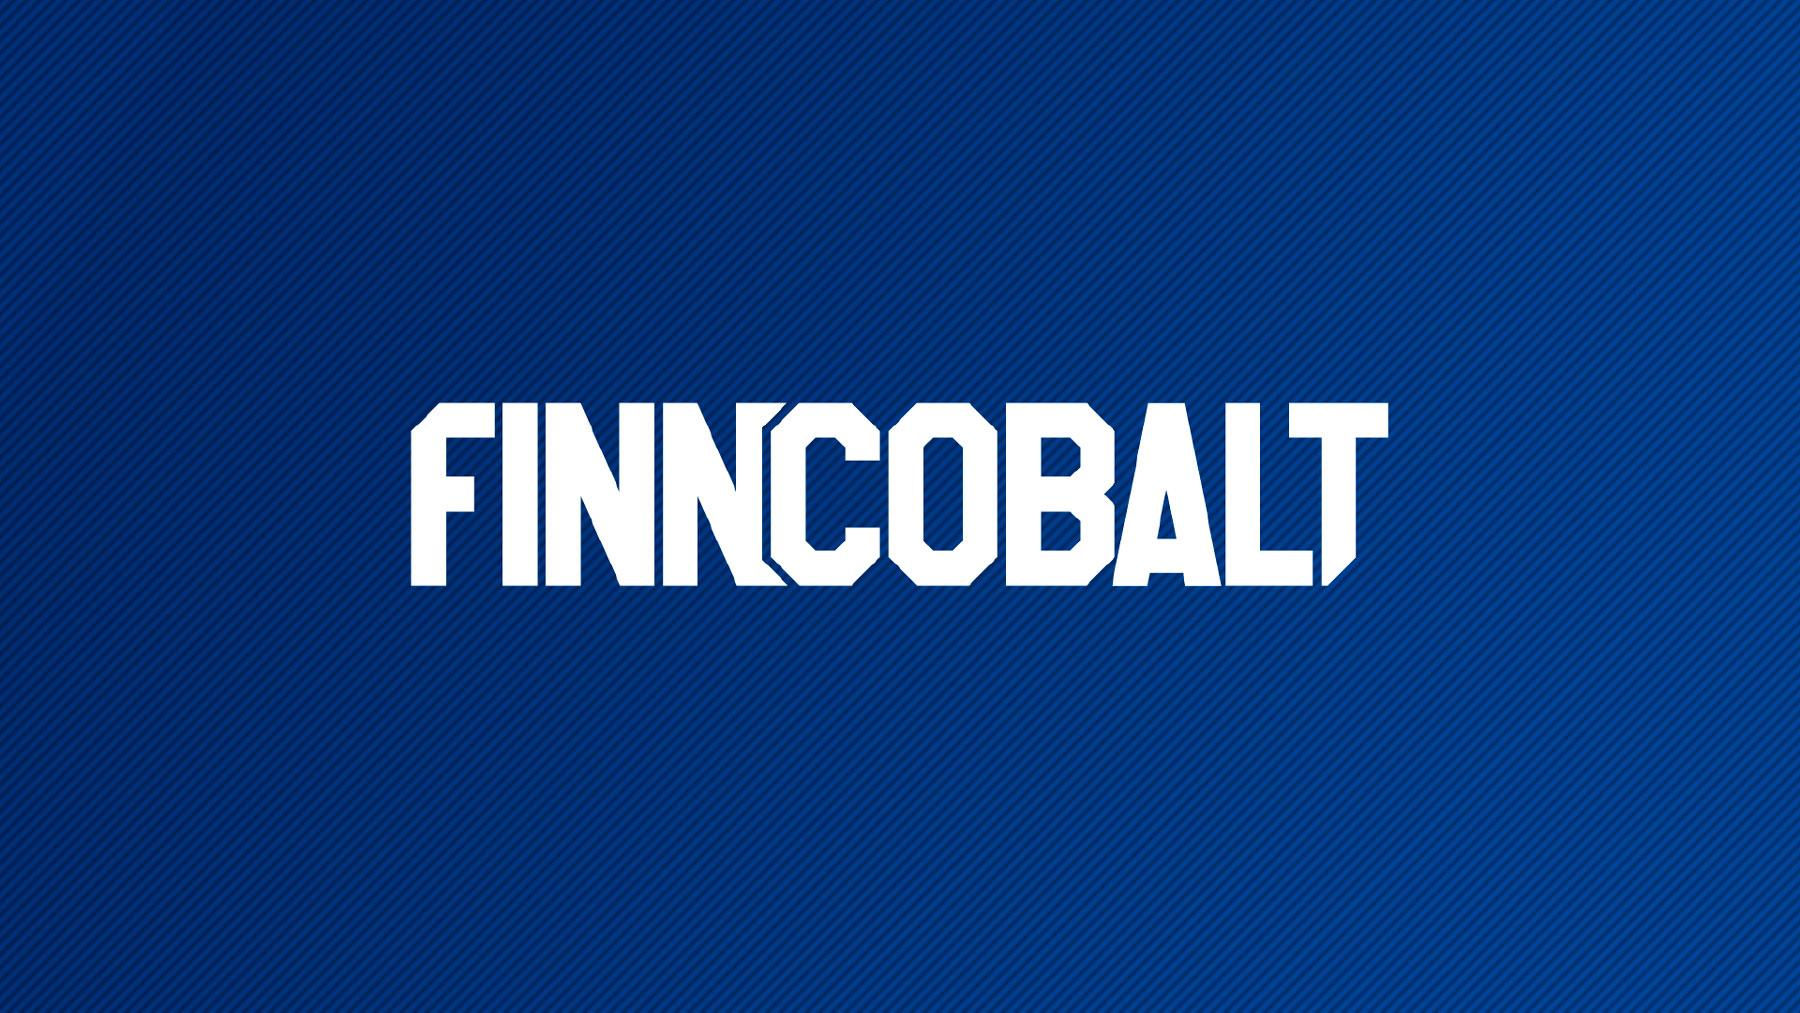 FinnCobalt logo 2